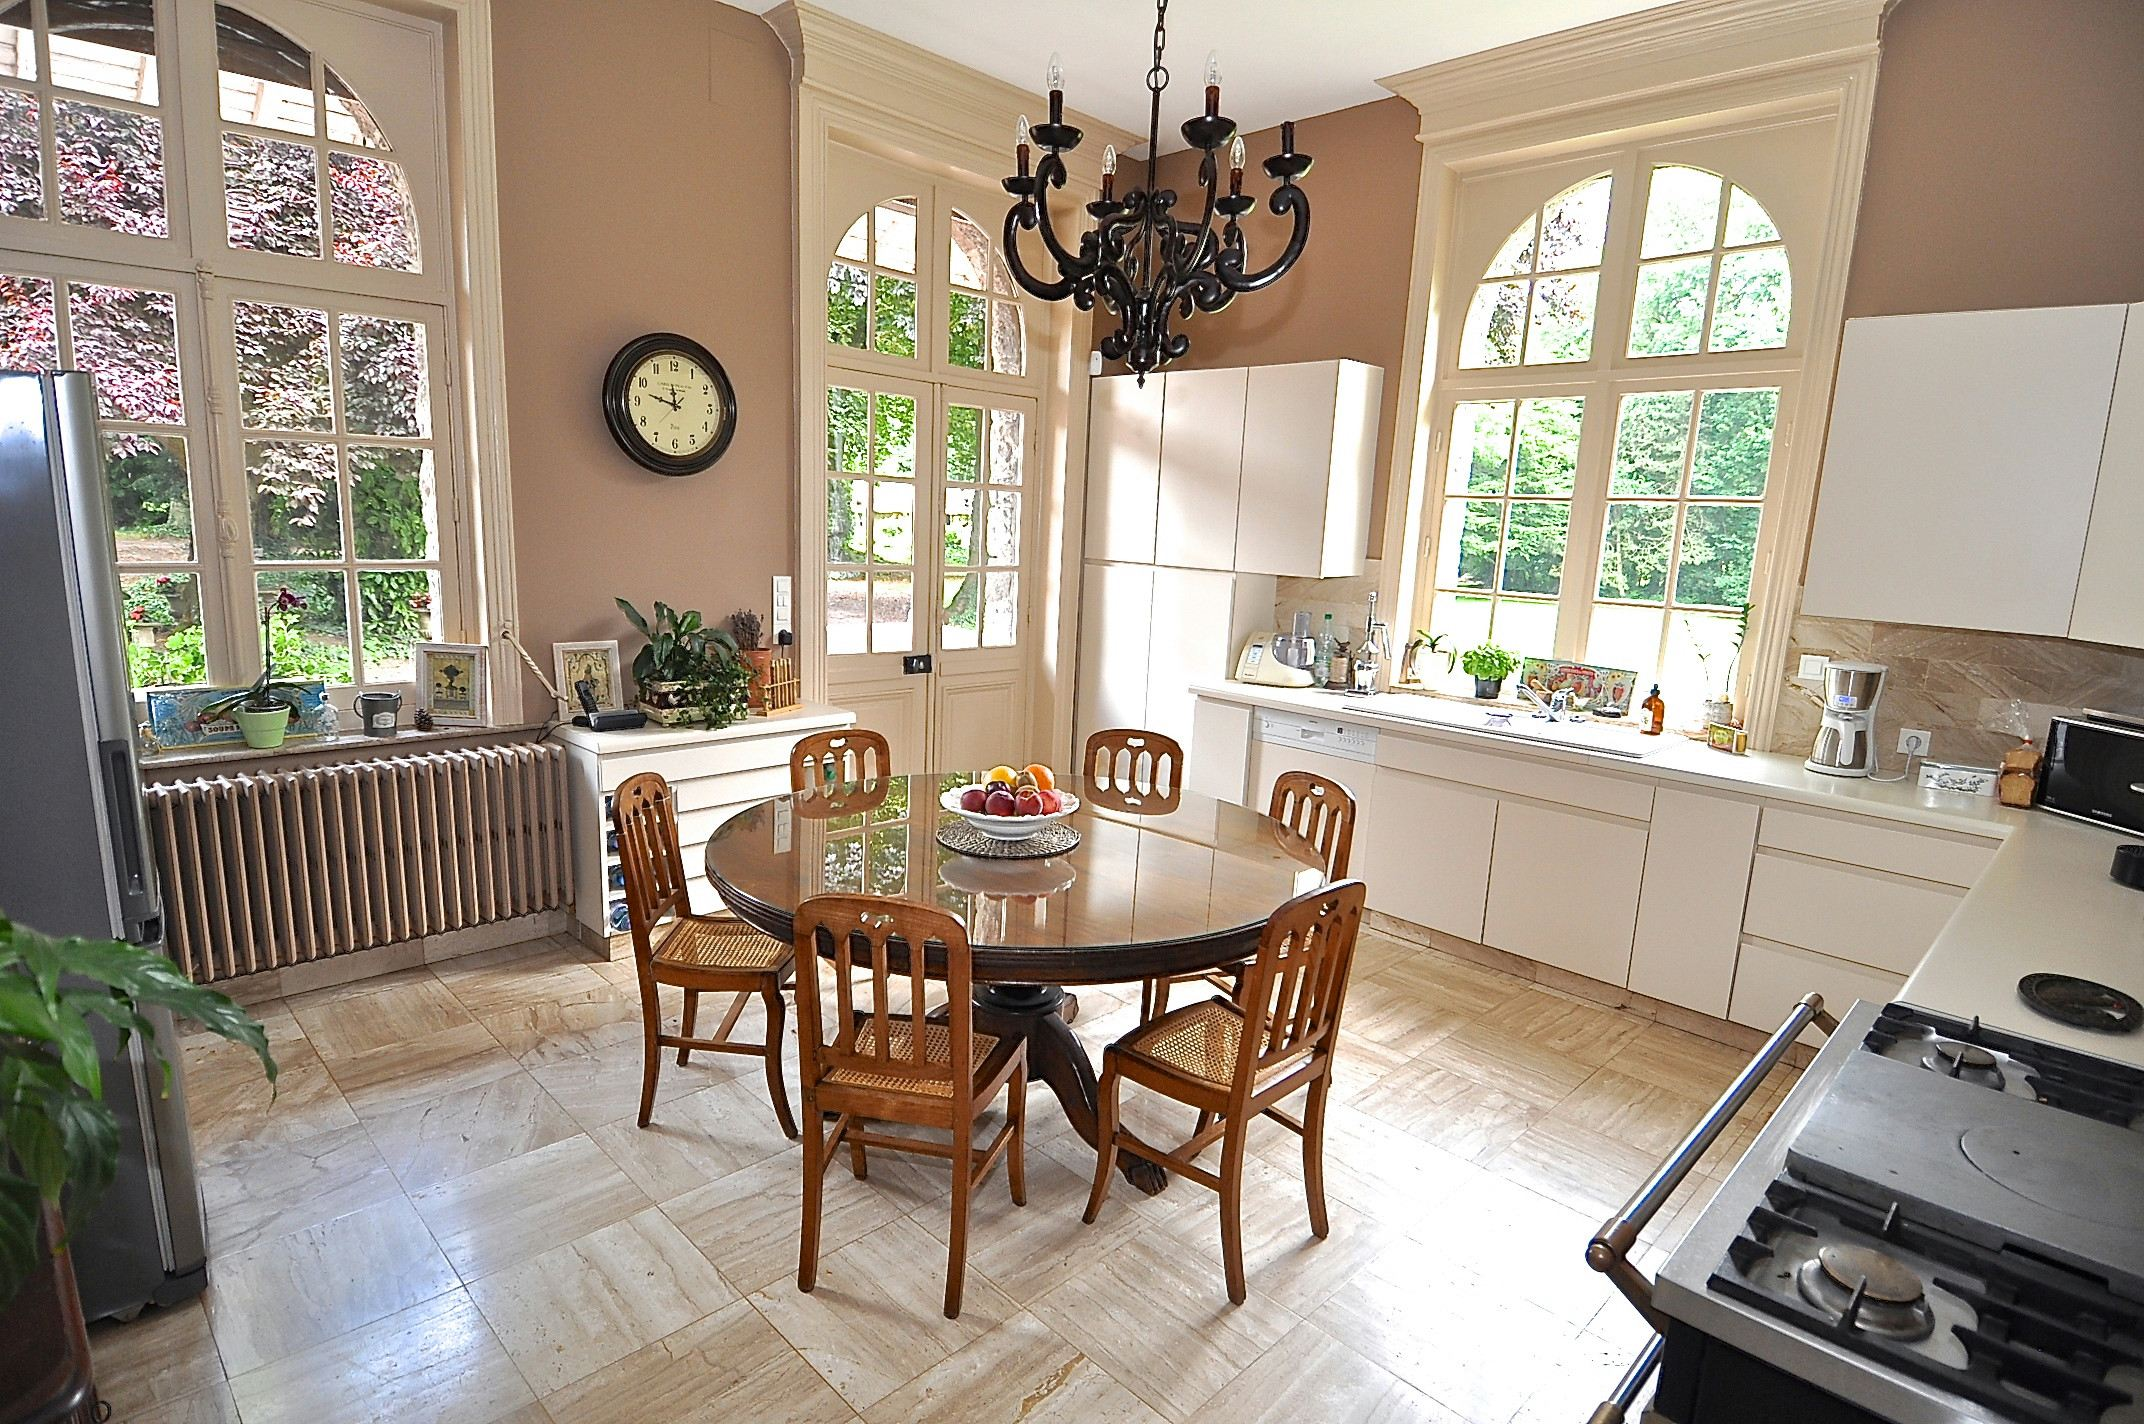 Property For Sale at VAULX-VRAUCOURT, Elegant Mansion 530m2, 11 beds